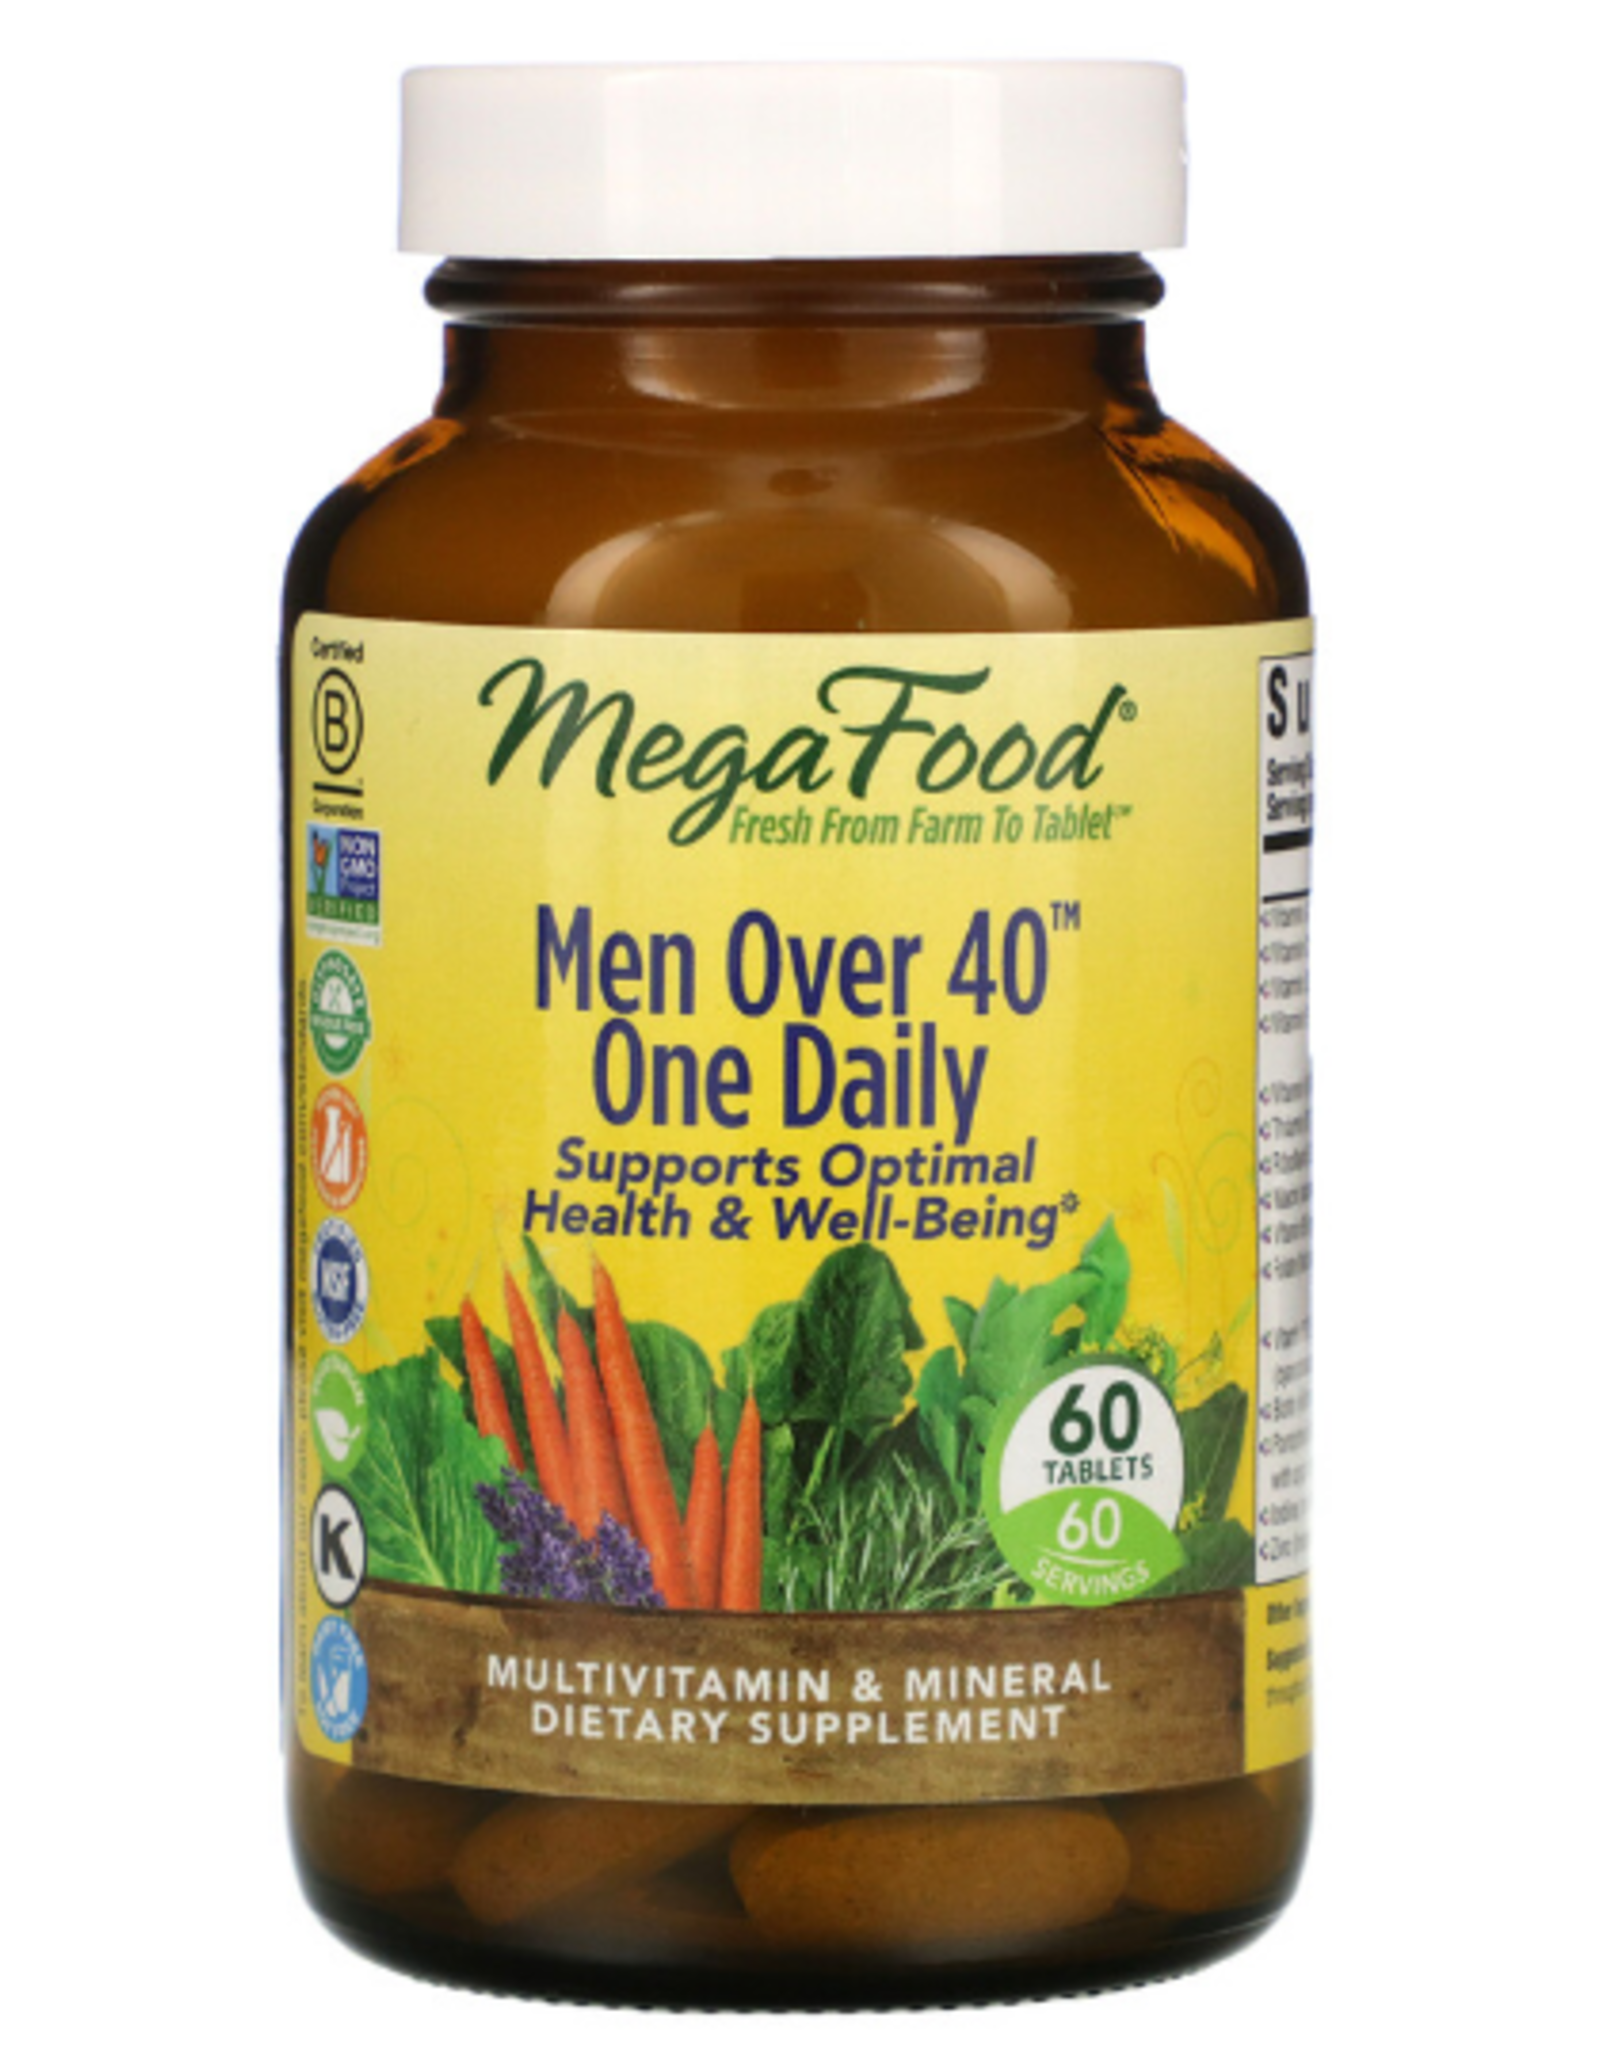 MegaFood MegaFood - Men Over 40 One Daily - 60 Tablets